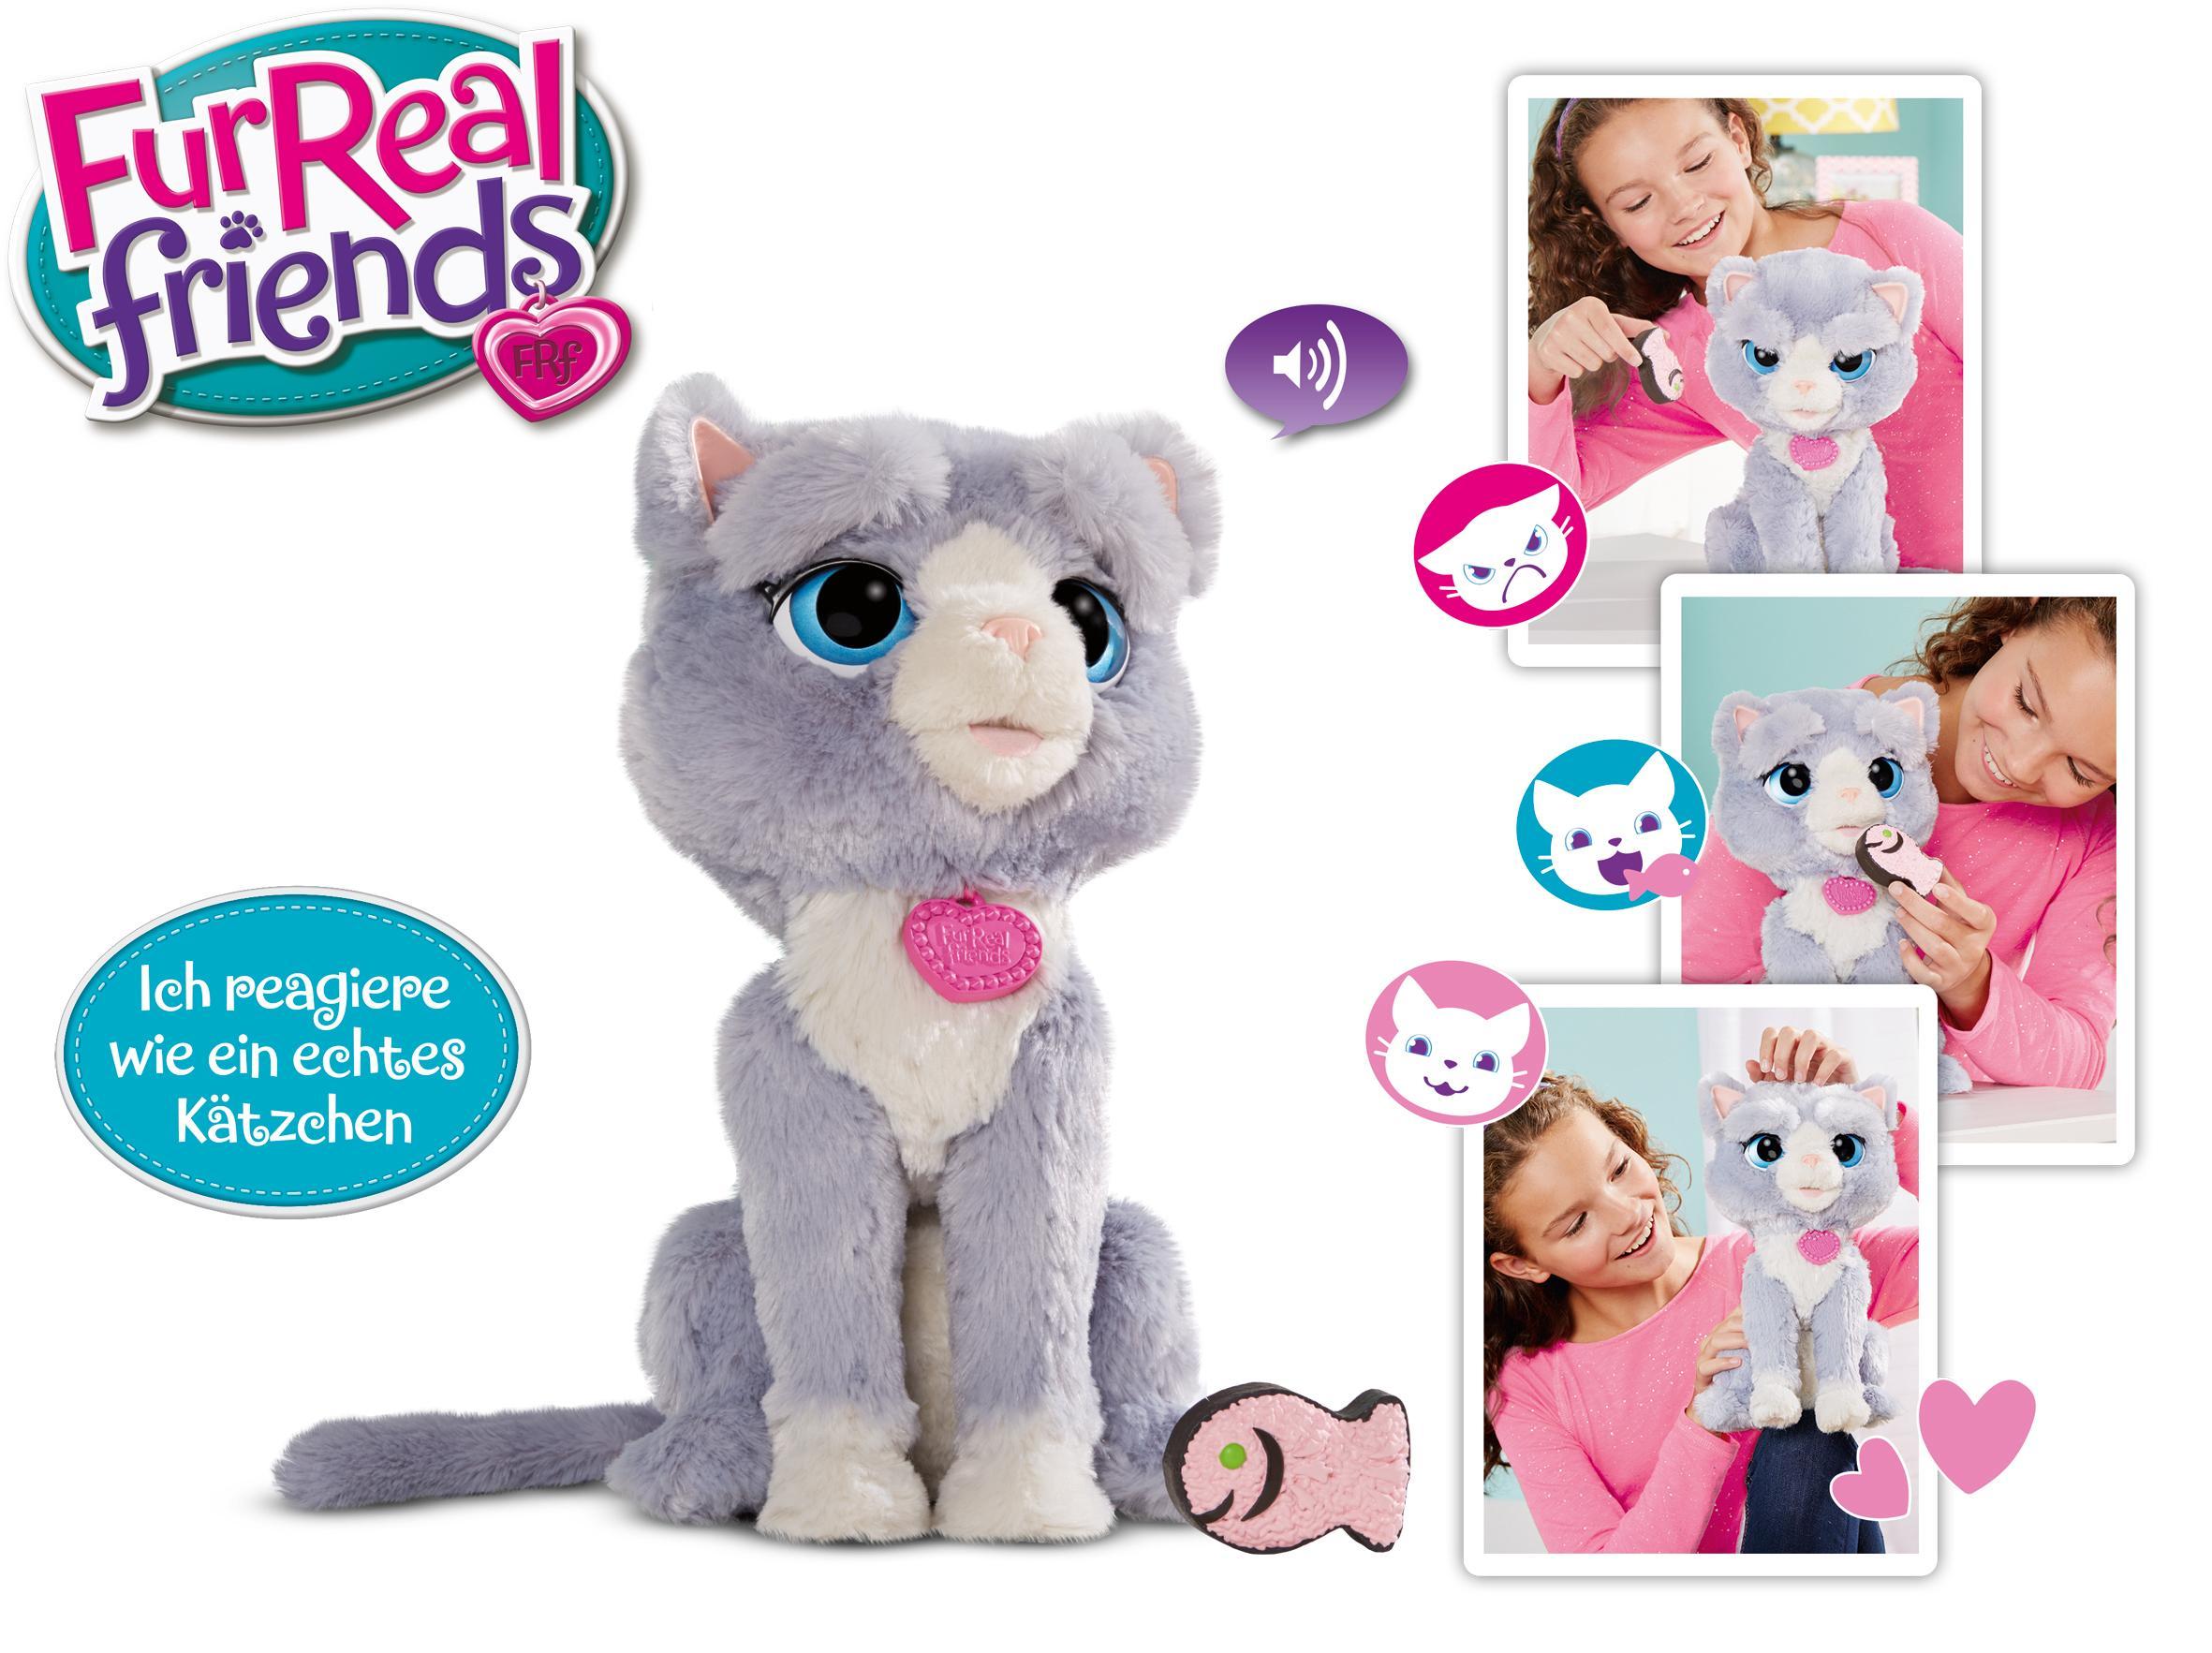 Alle Artikel in Elektrisches Spielzeug Hasbro B5936 Katze Bootsie FurReal günstig kaufen